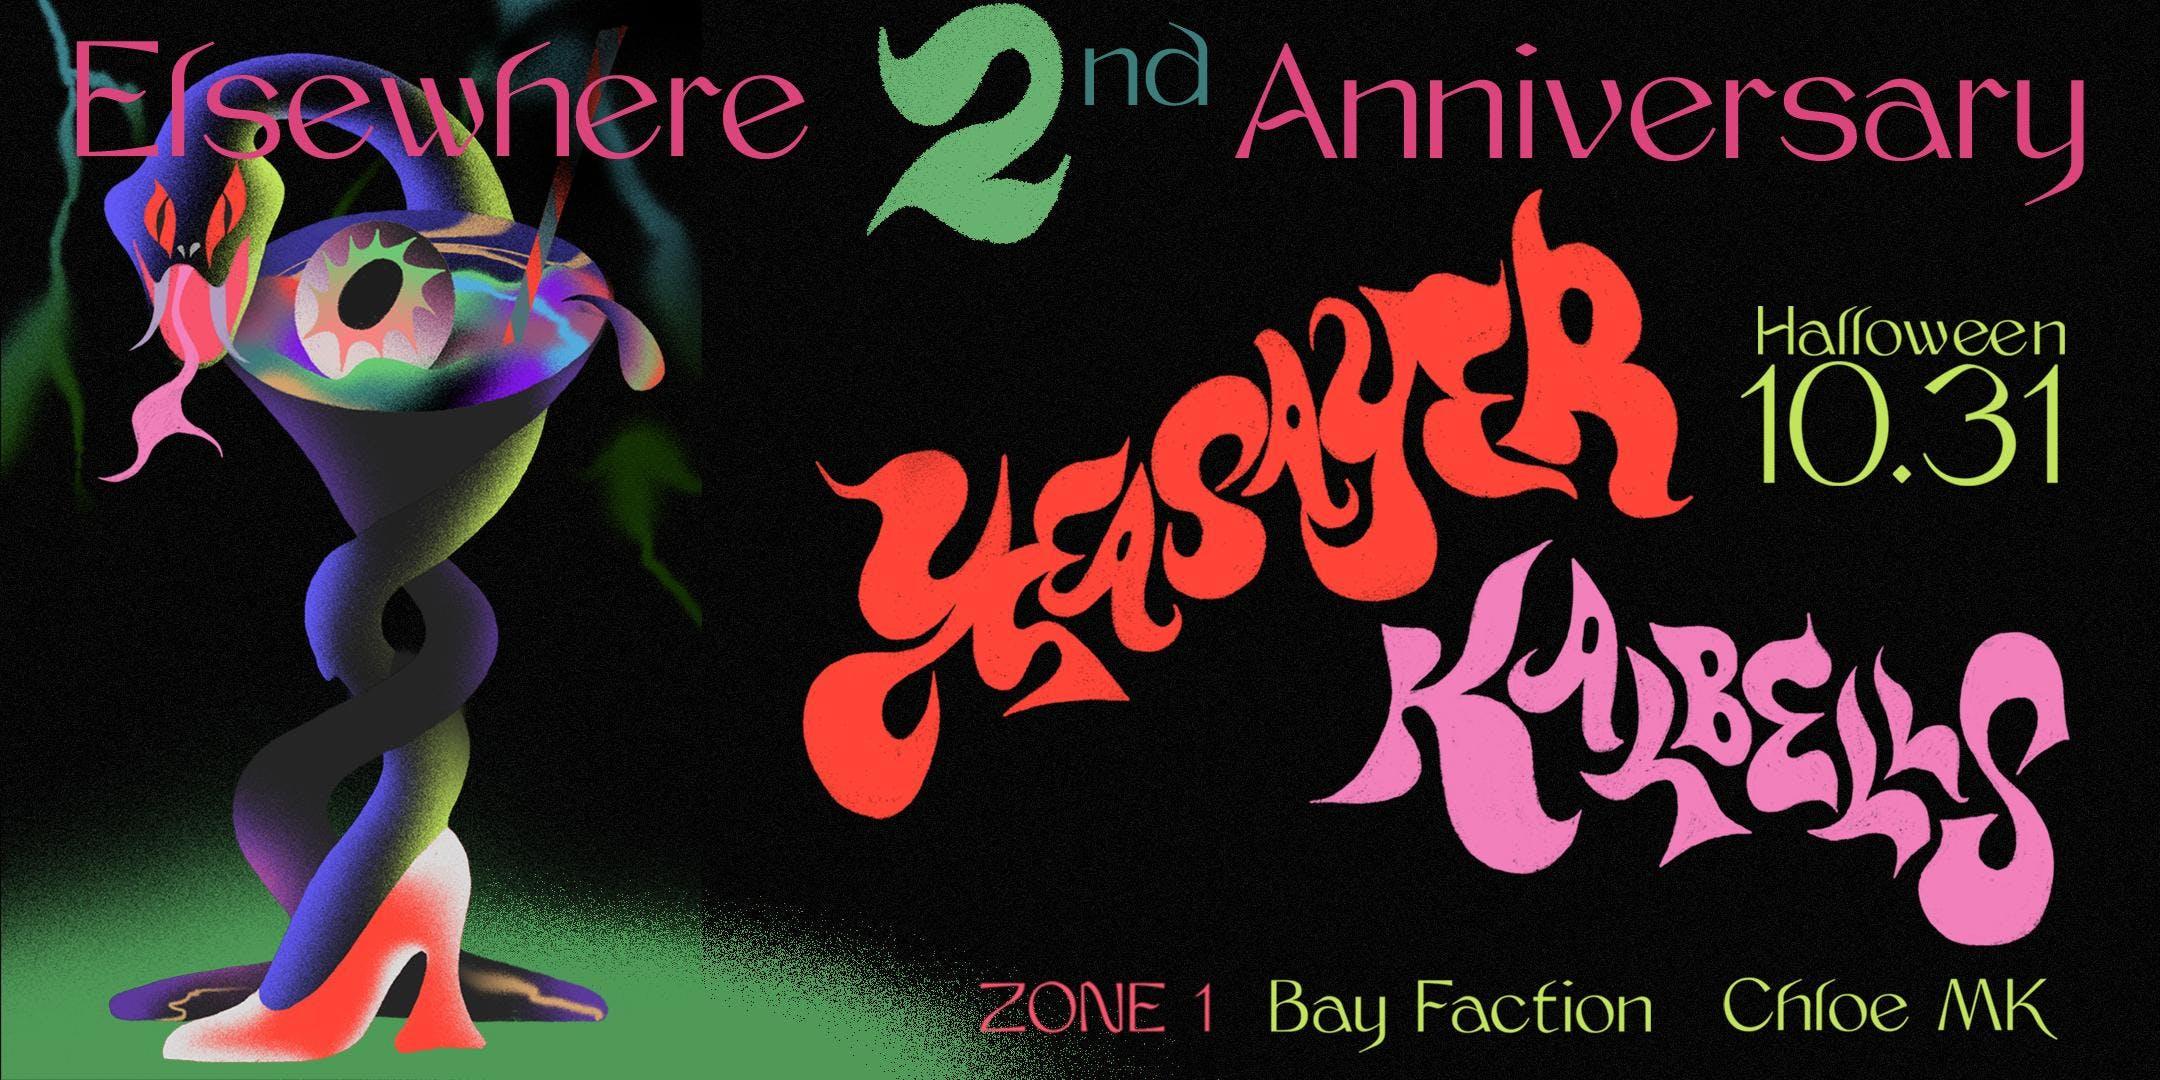 Yeasayer (Elsewhere 2 Year Anniversary!)